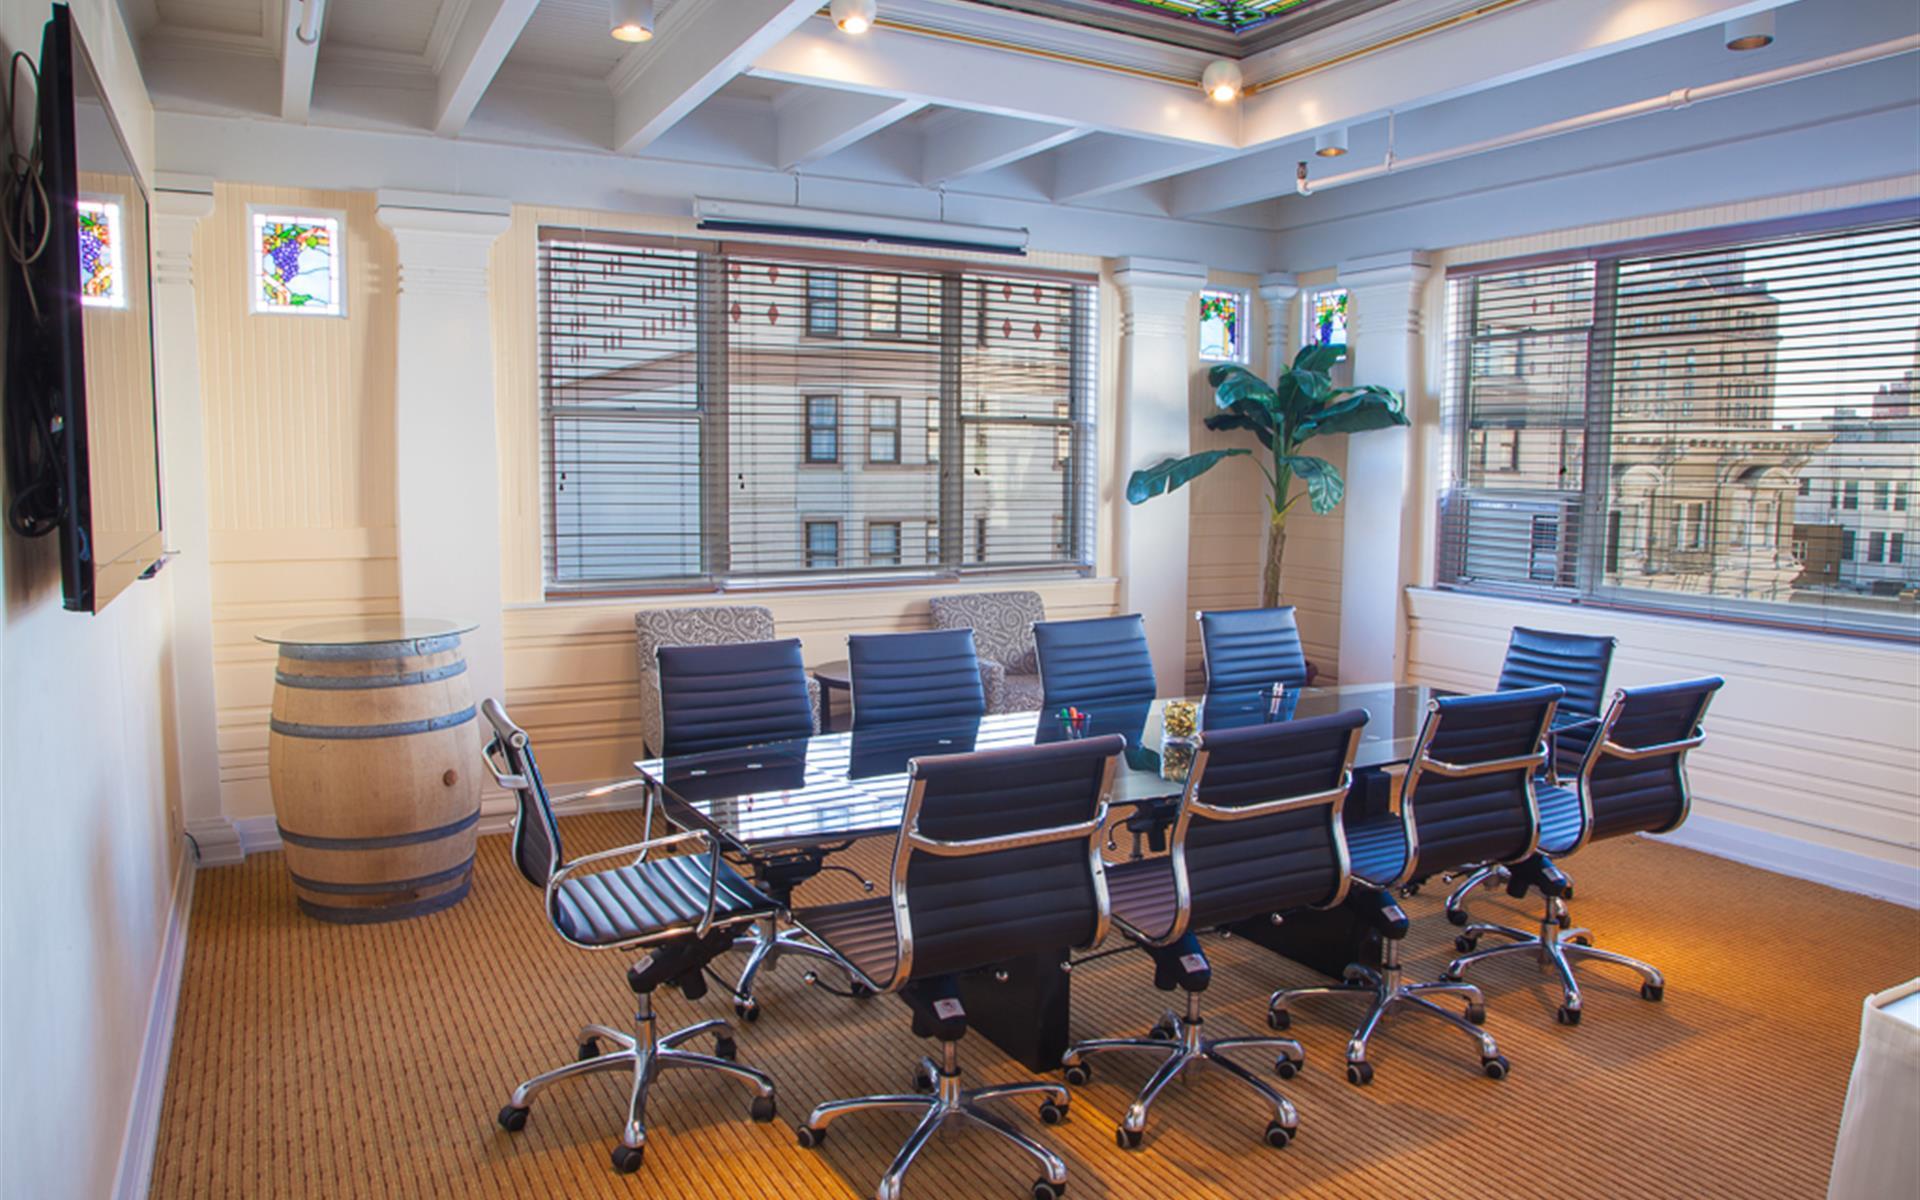 Executive Hotel Vintage Court - Boardroom 8th Floor